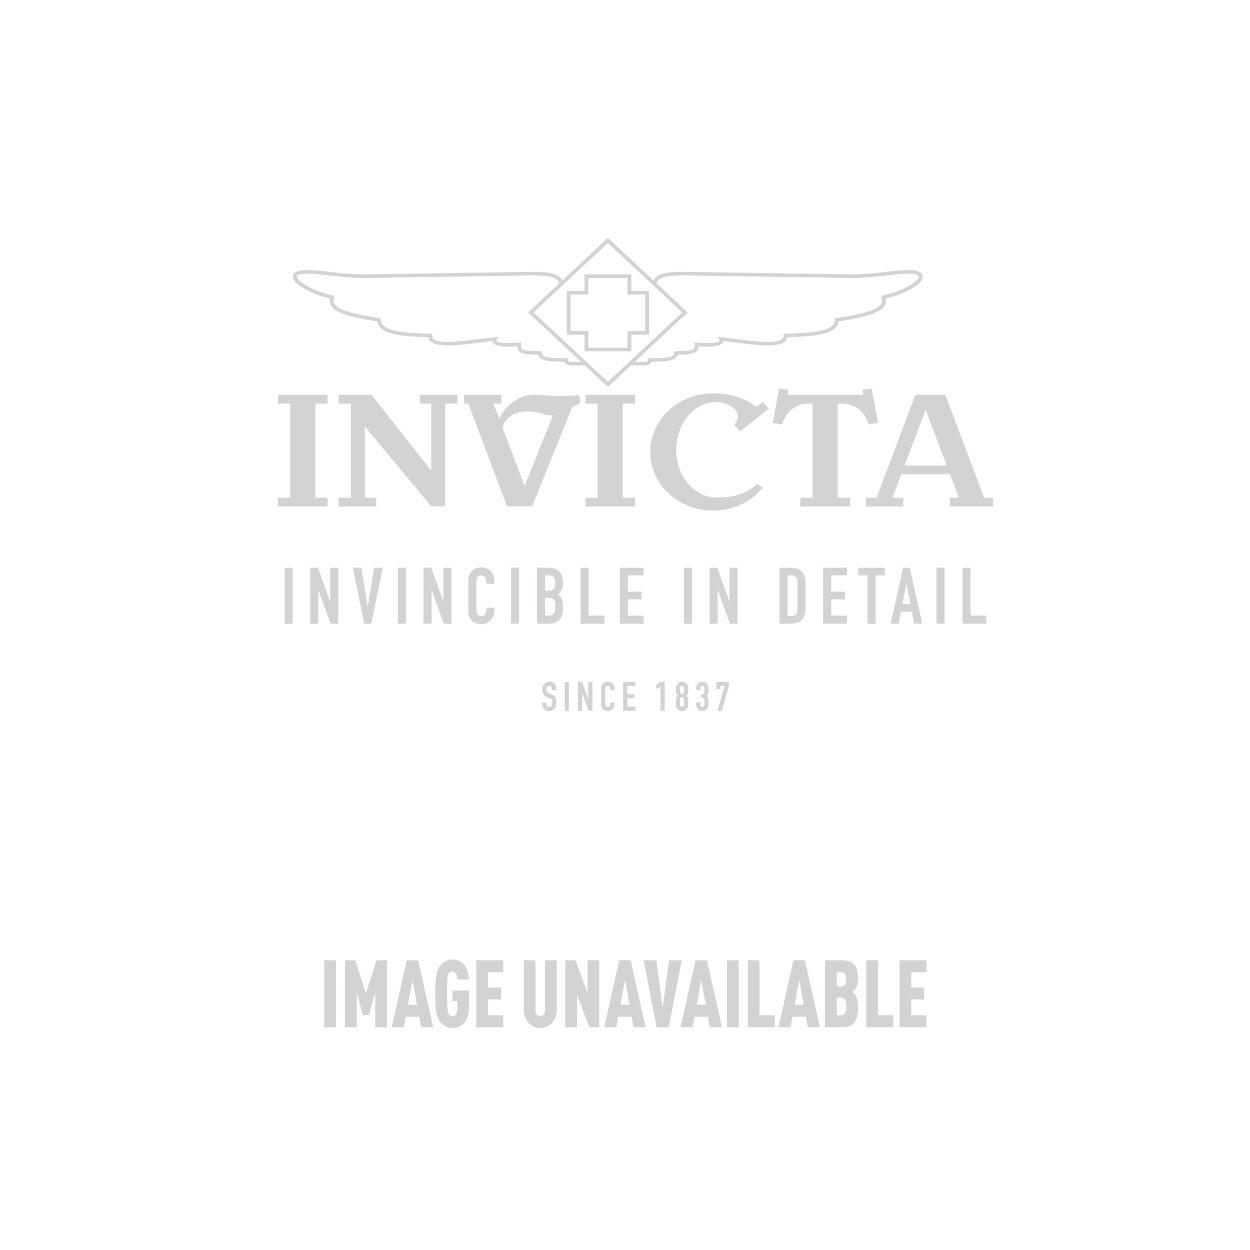 Invicta Model 23053